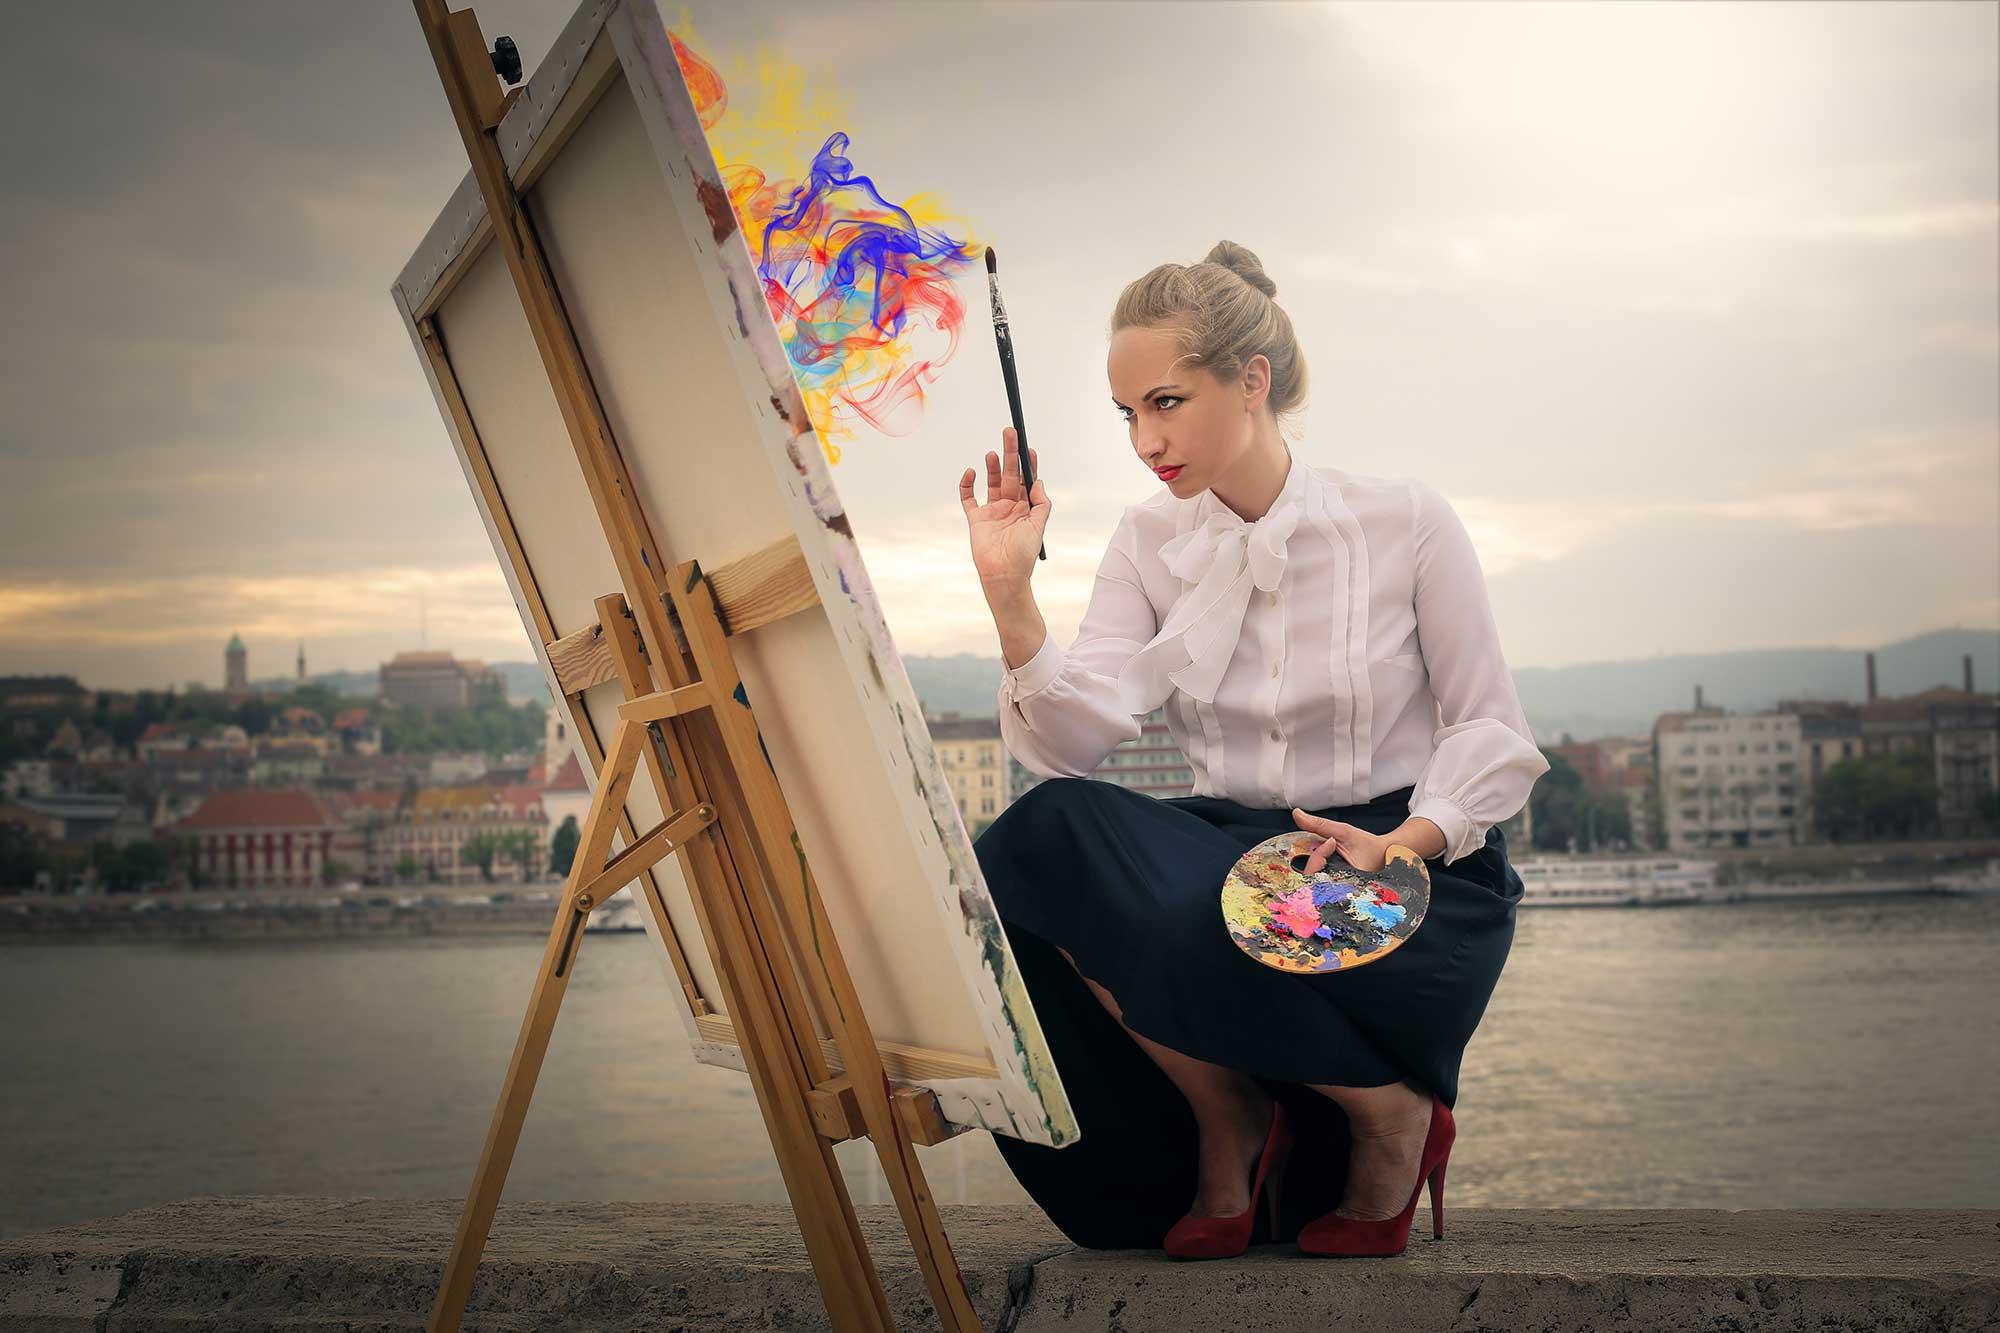 Infographie - une femme qui peint